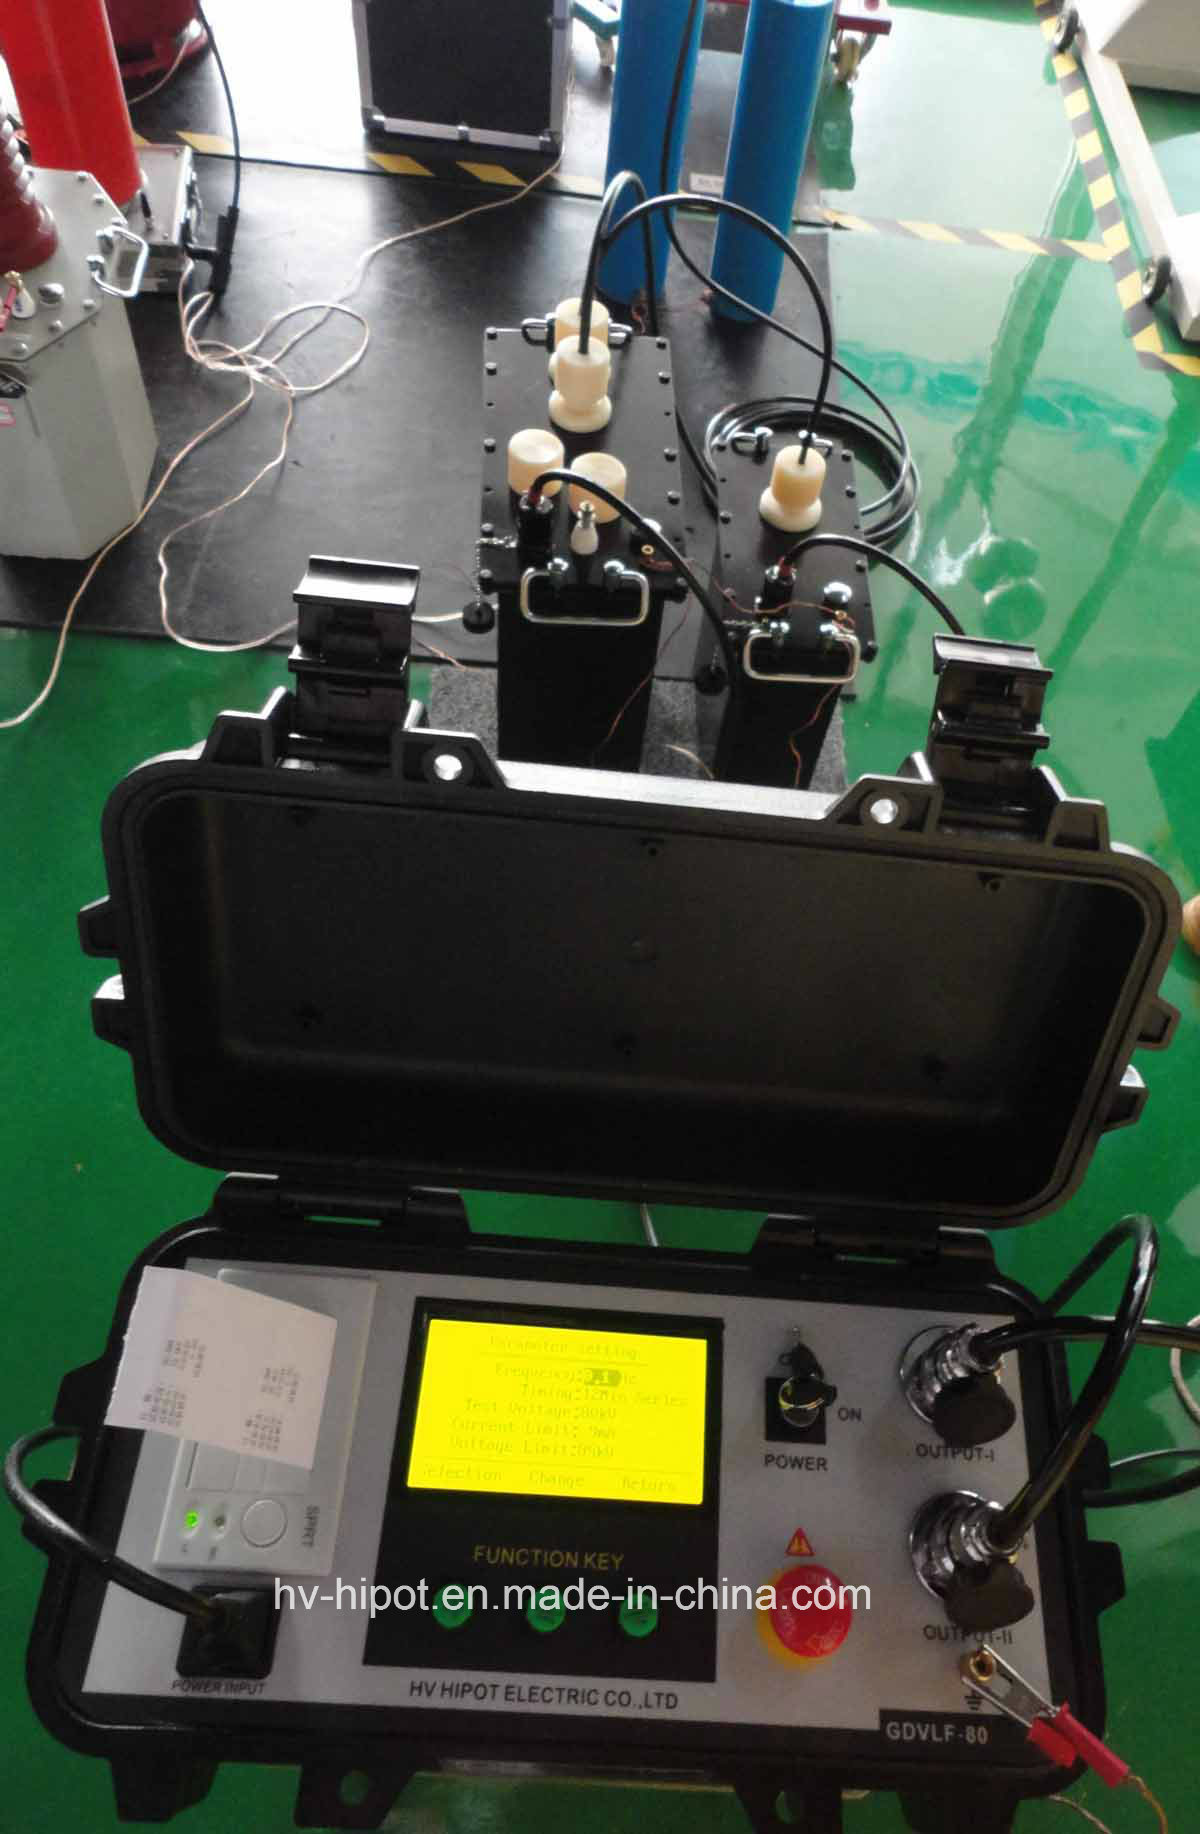 VLF AC Hipot Test Set (GDVLF-80)